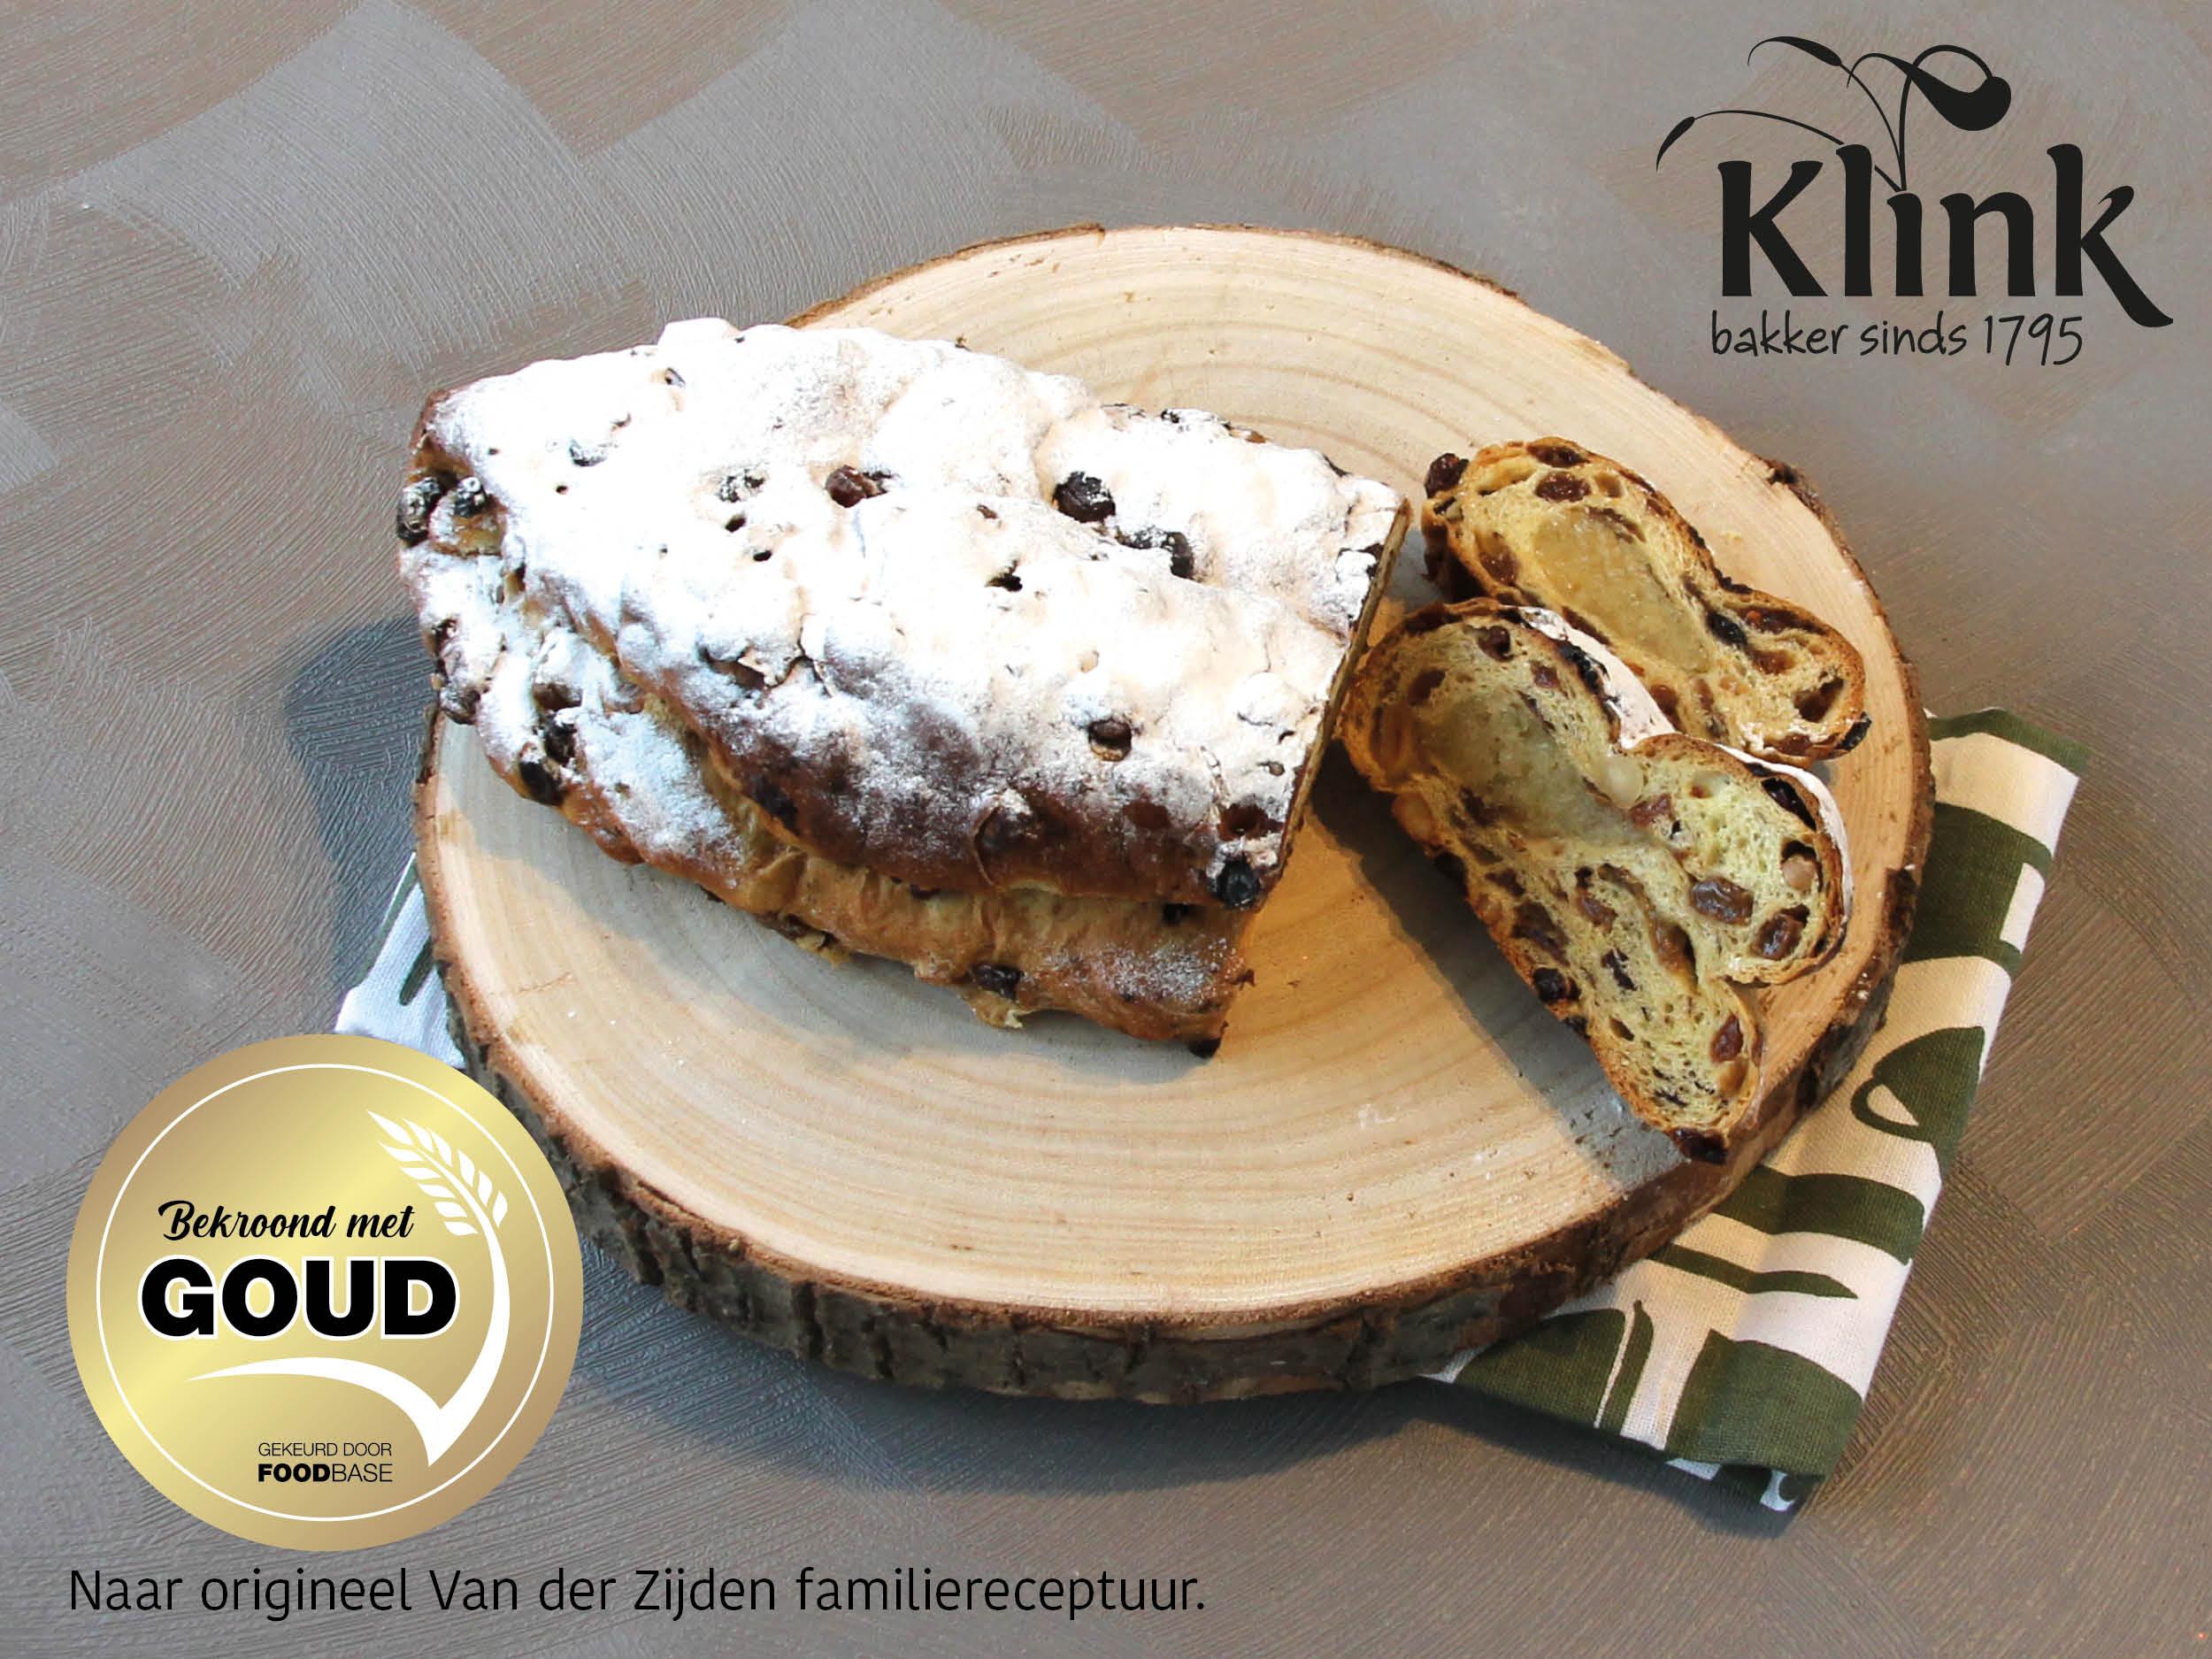 Kerststol van Bakker Klink met Goud Bekroond; naar familierecept van Van der Zijden.